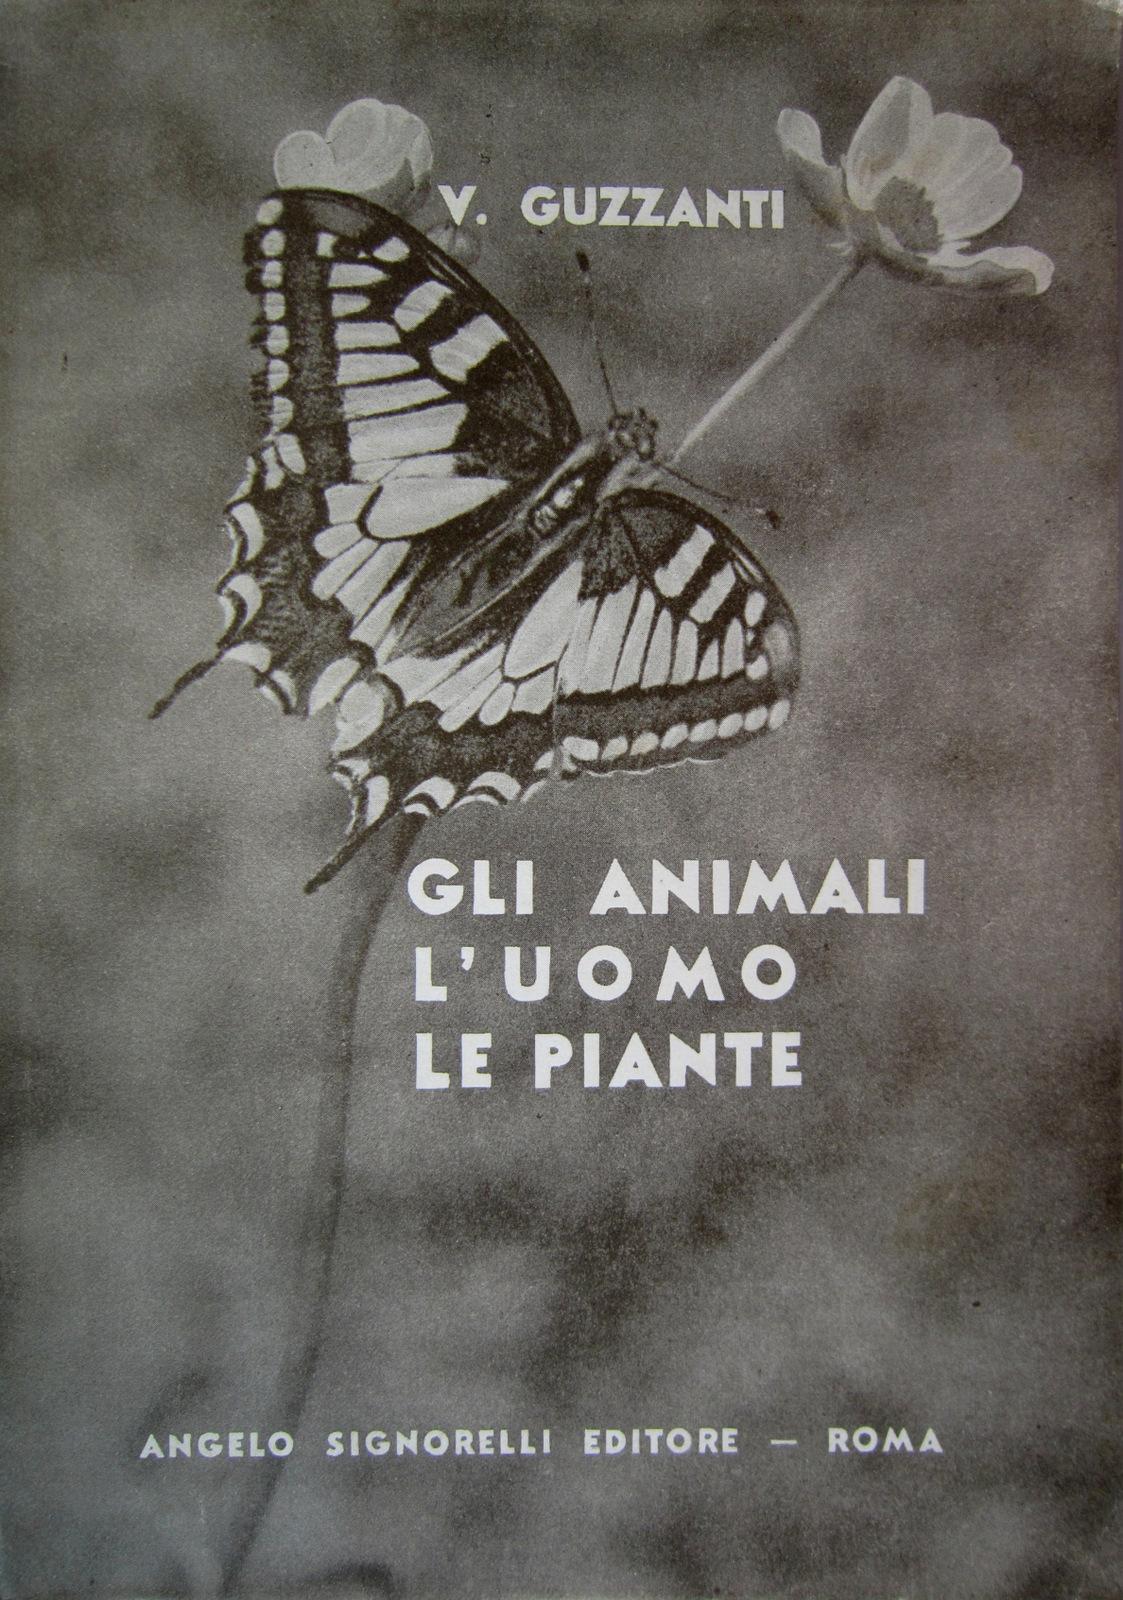 Gli animali, l'uomo, le piante